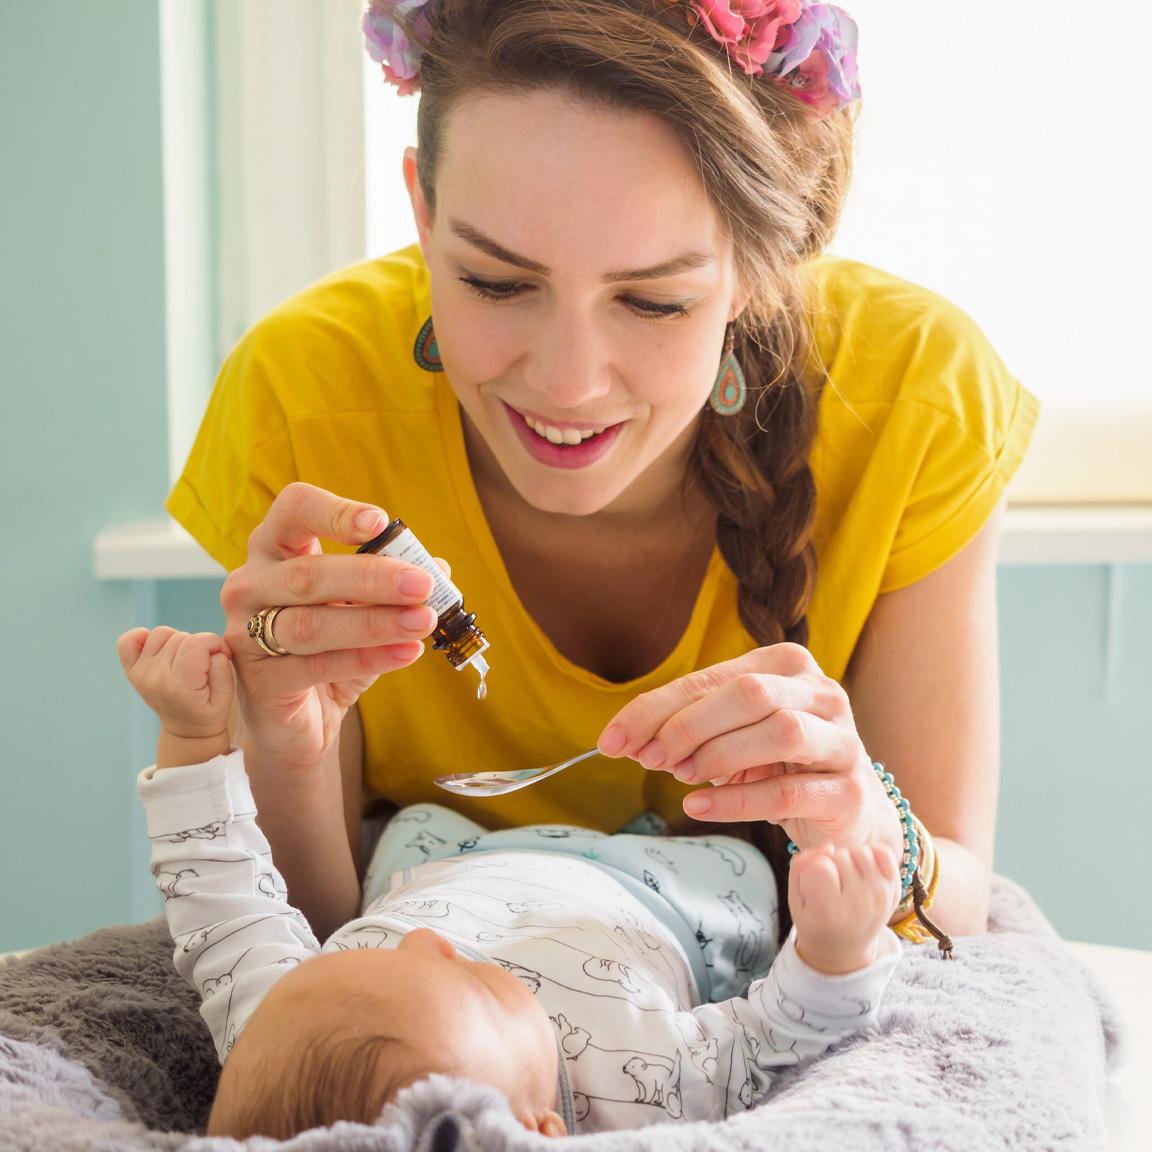 Kvinne som gir vitamintilskudd til et barn